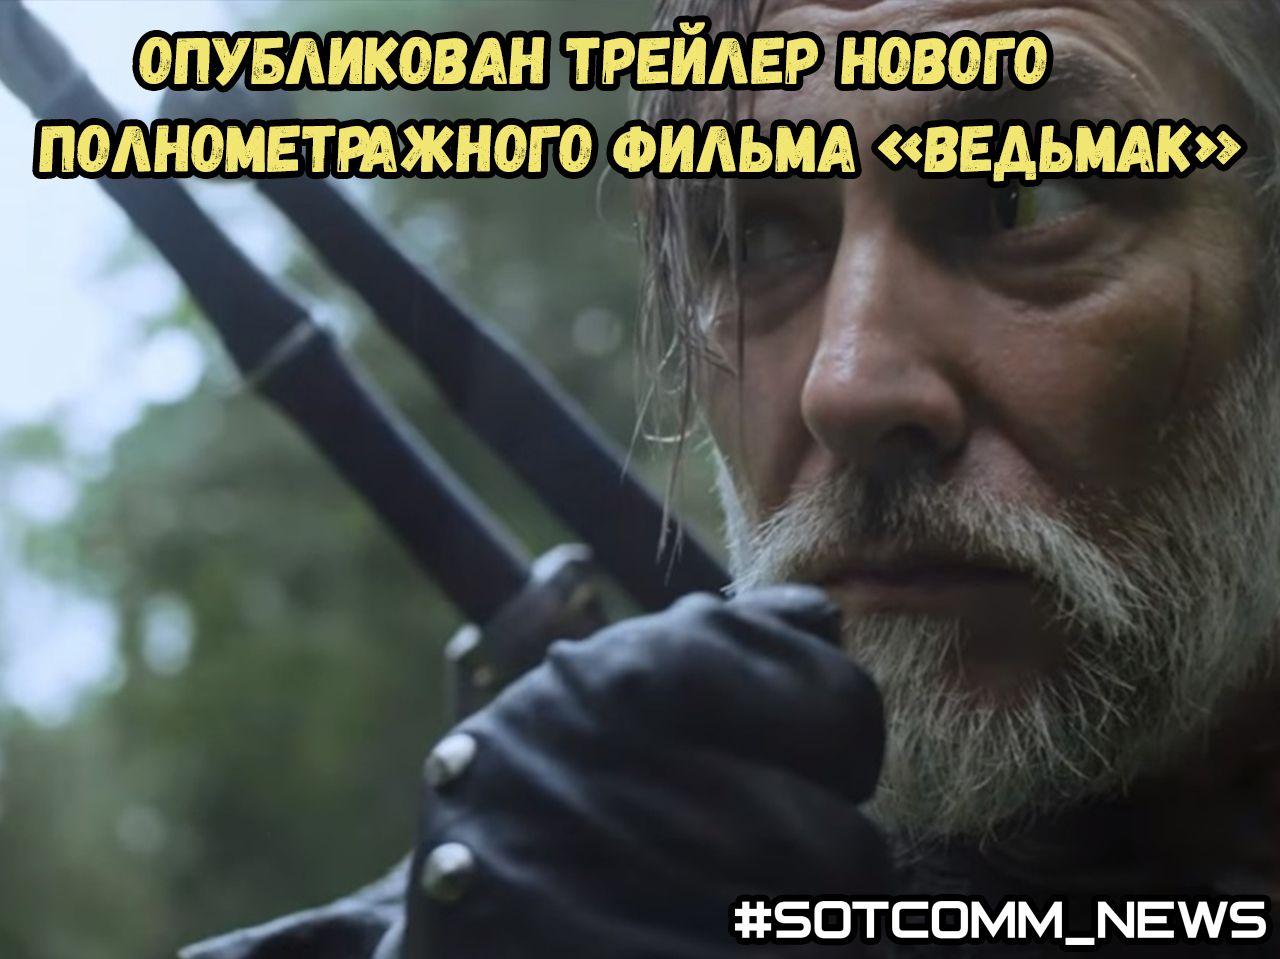 трейлер нового полнометражного фильма «Ведьмак»